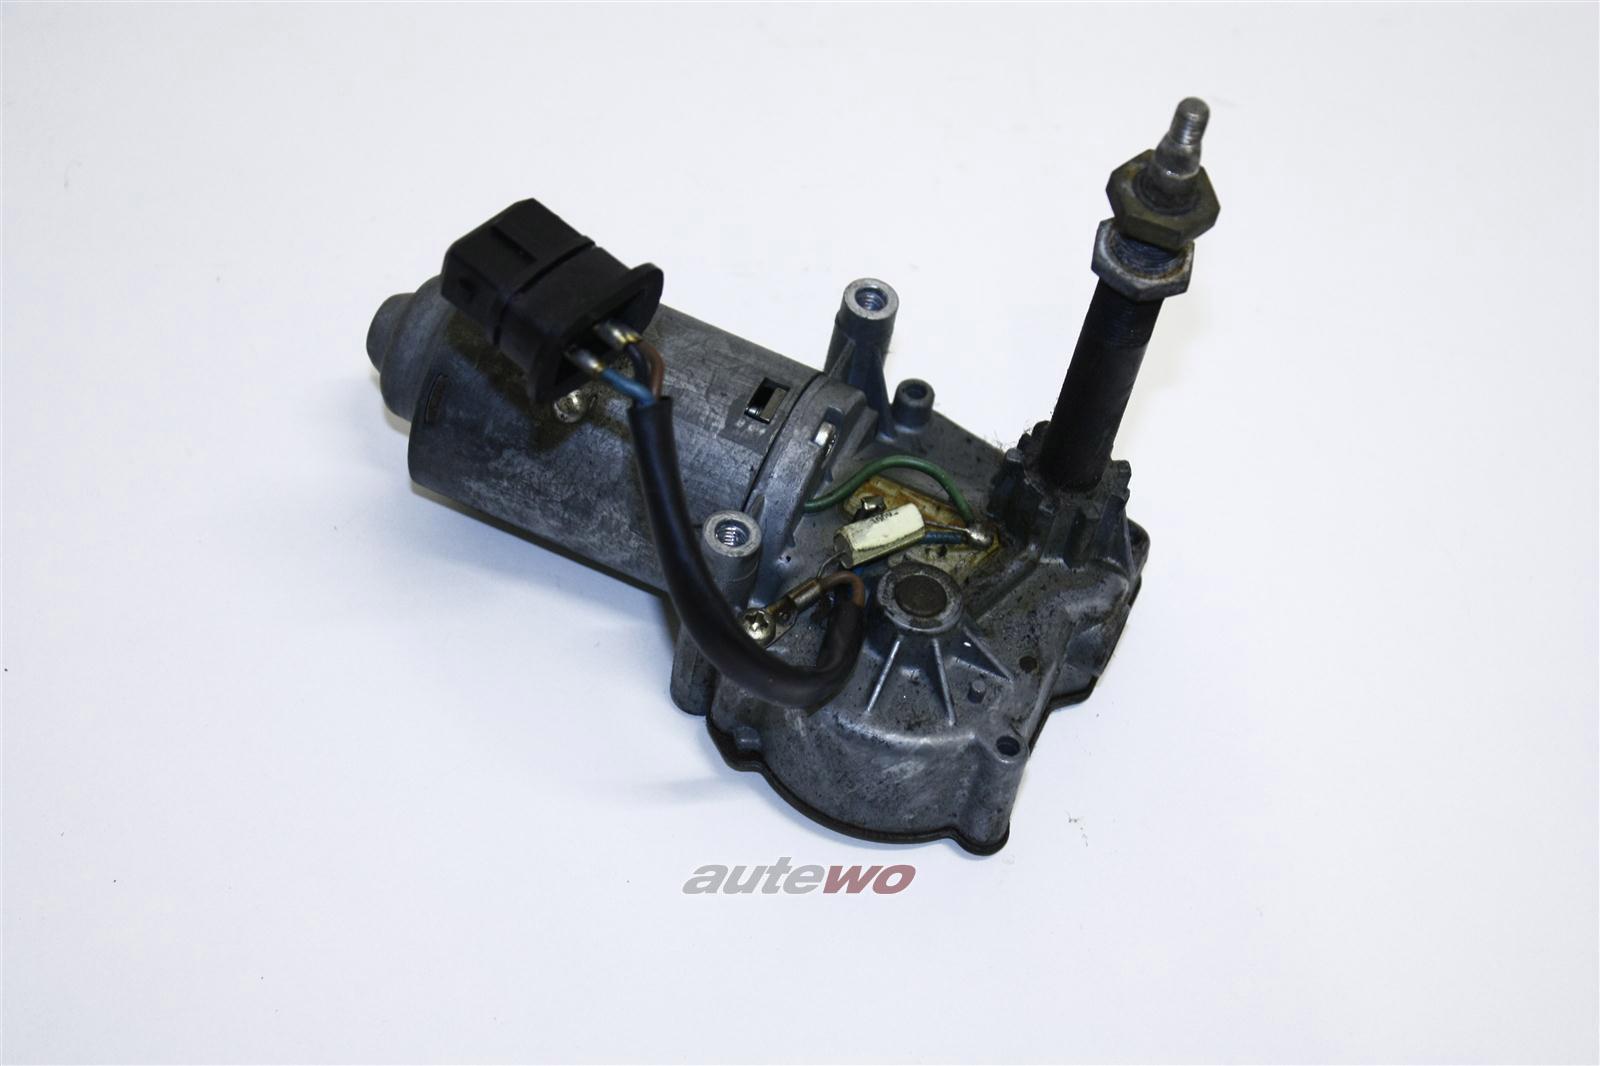 Audi Coupe Typ 81/85/Urquattro Scheibenwischer Motor Hinten 855955713